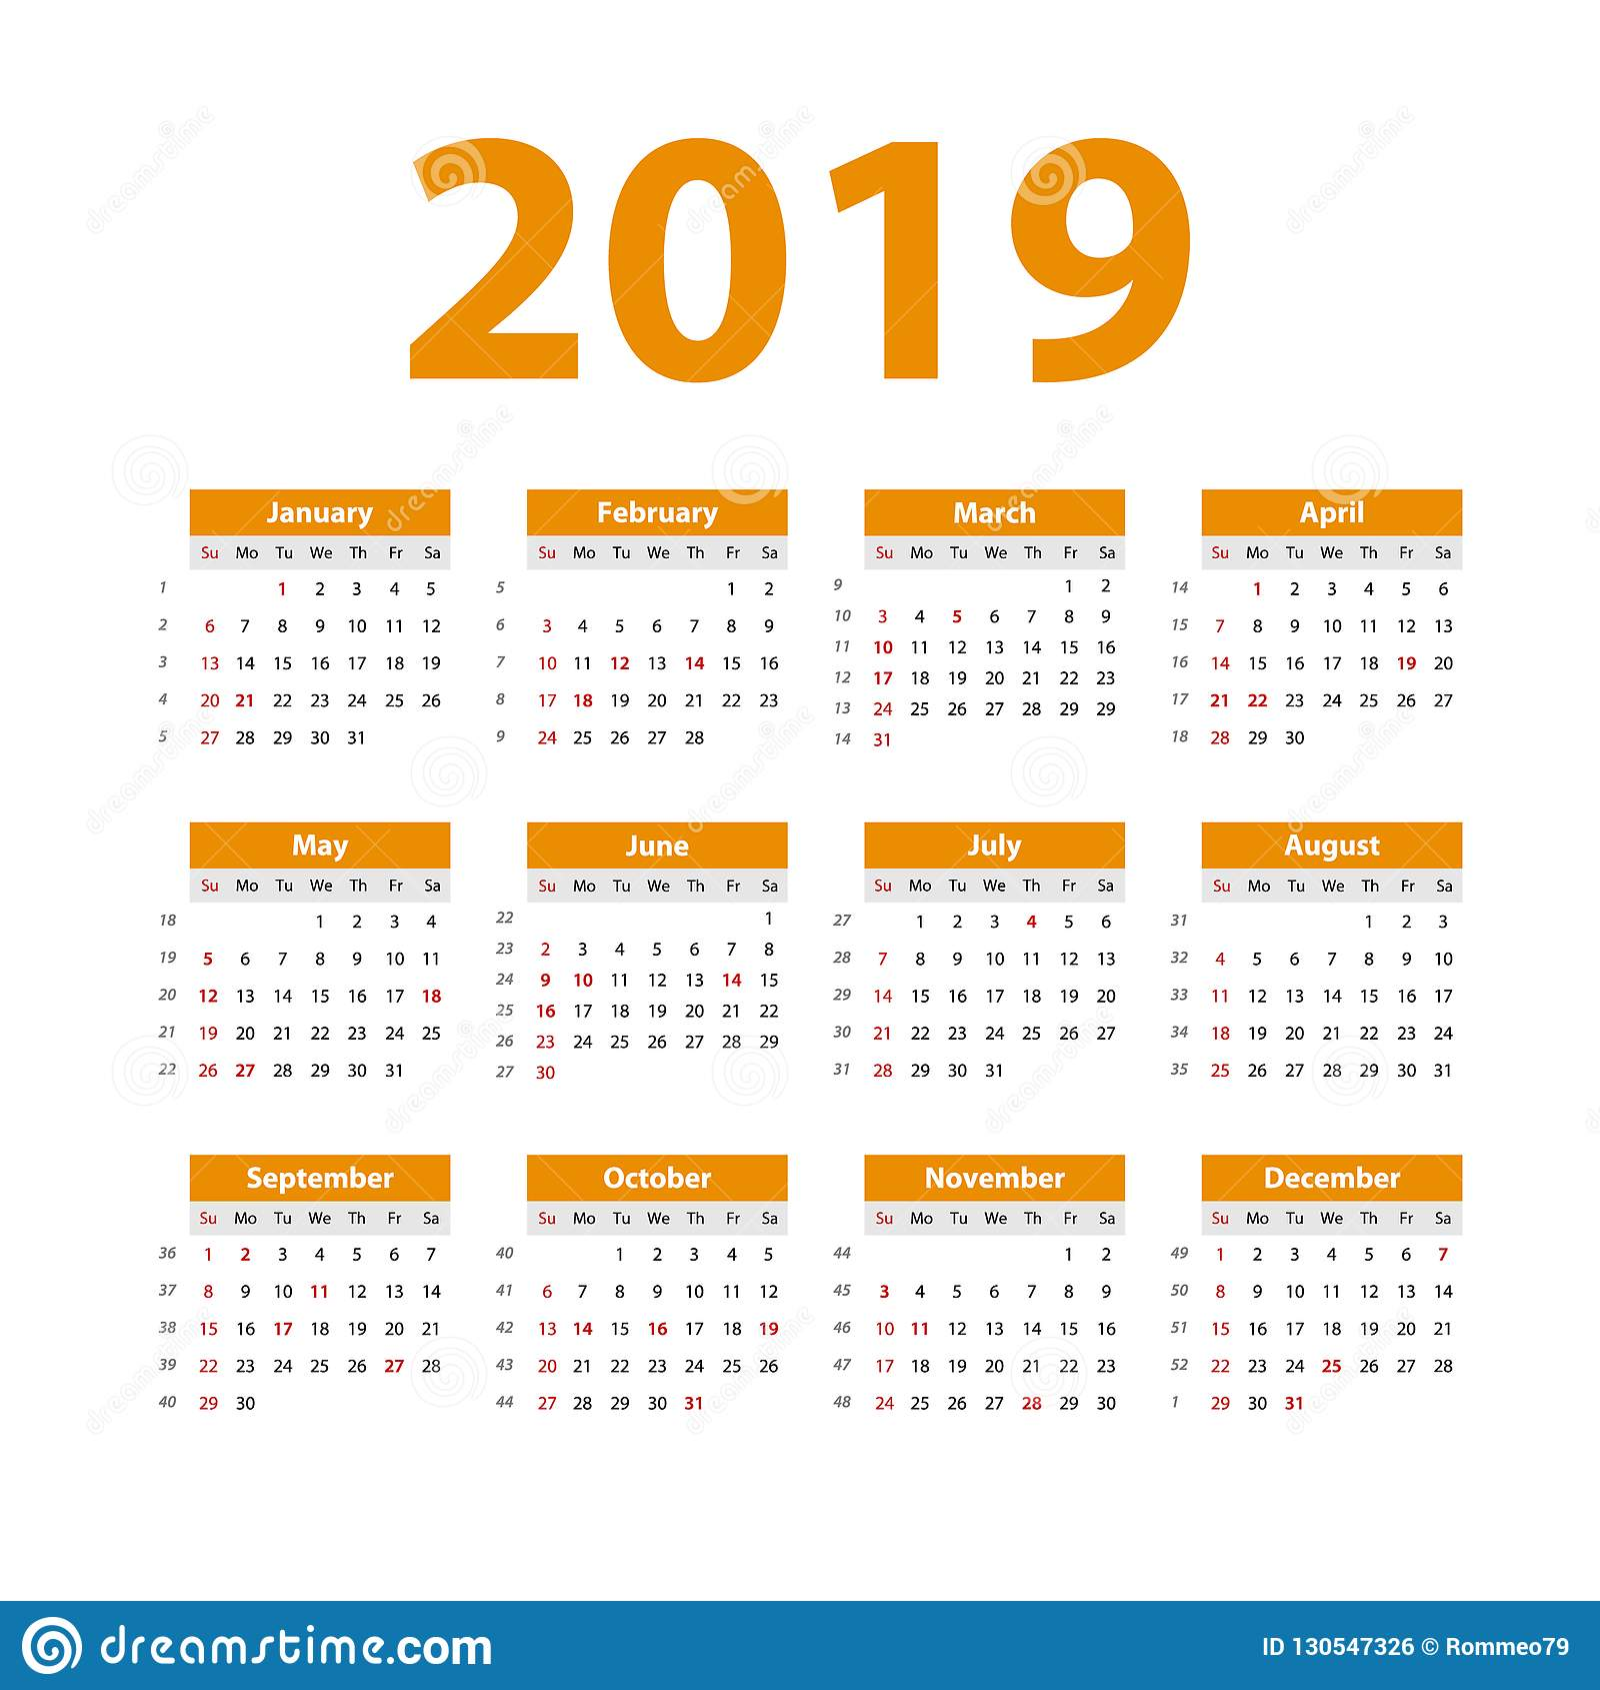 Calendario Settimane Anno 2019.Calendario 2019 Di Vettore Arancio Inizio Di Settimana La